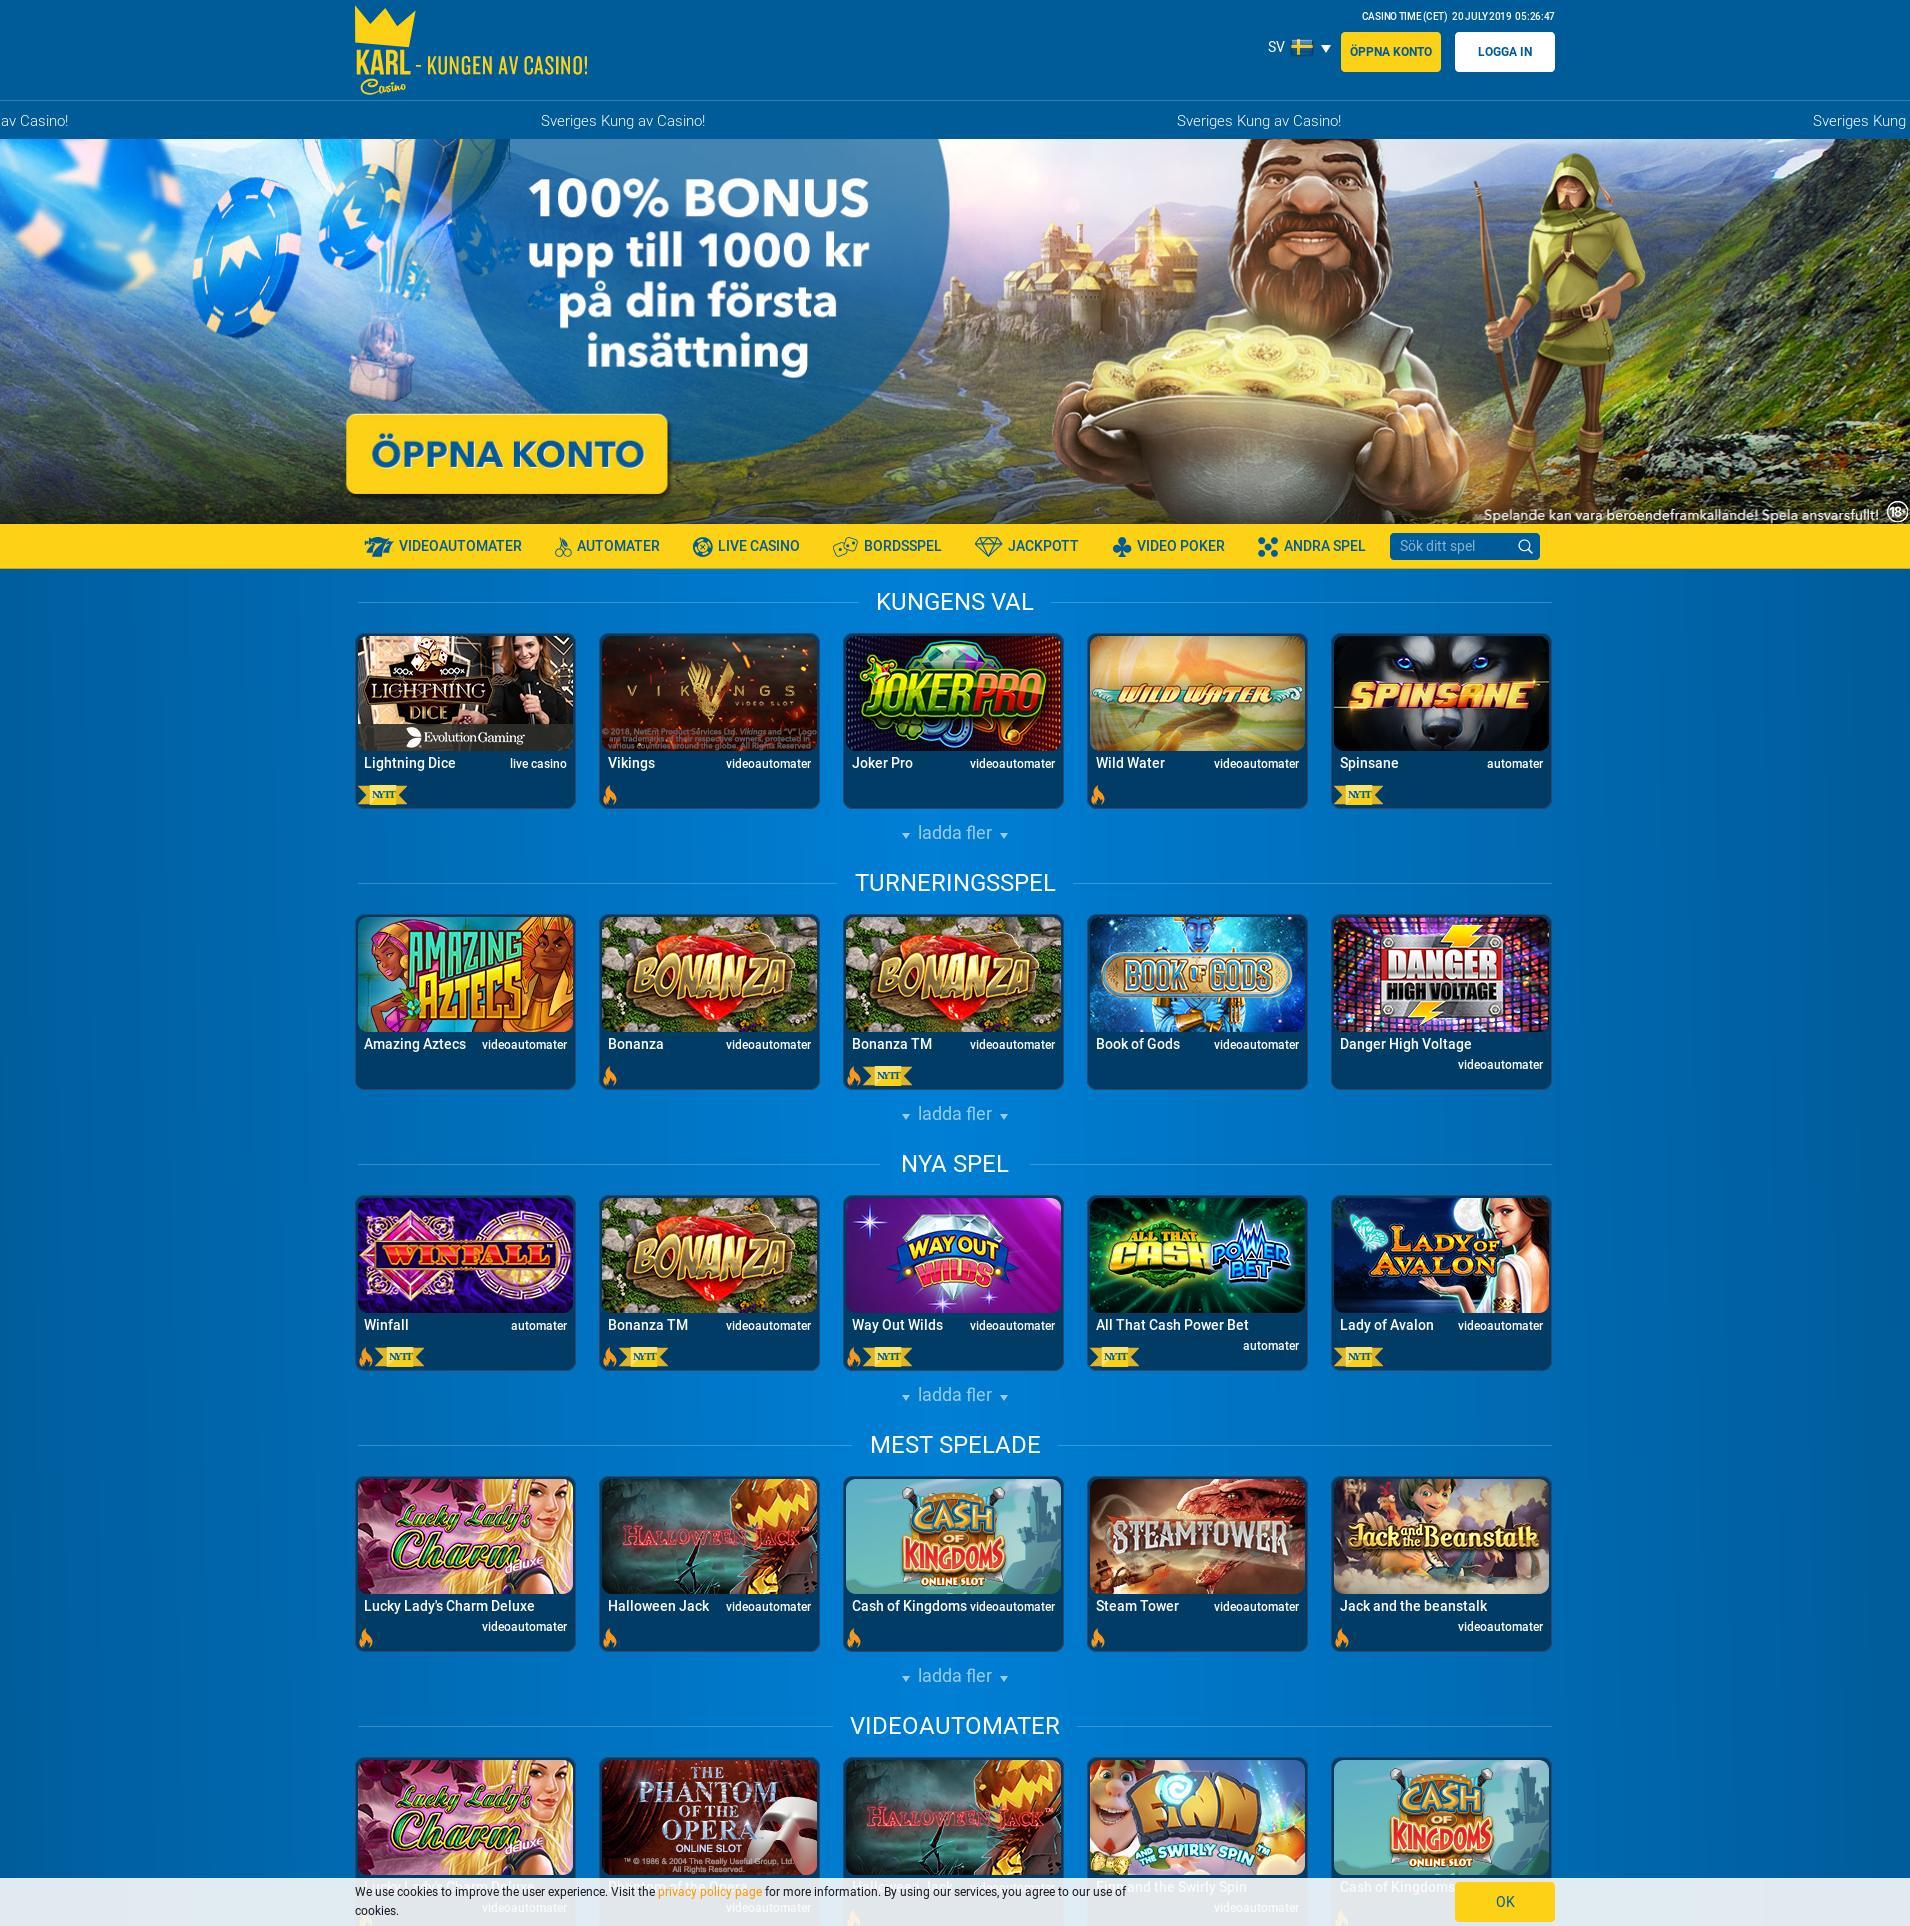 Casino screen Lobby 2019-07-20 for Sweden